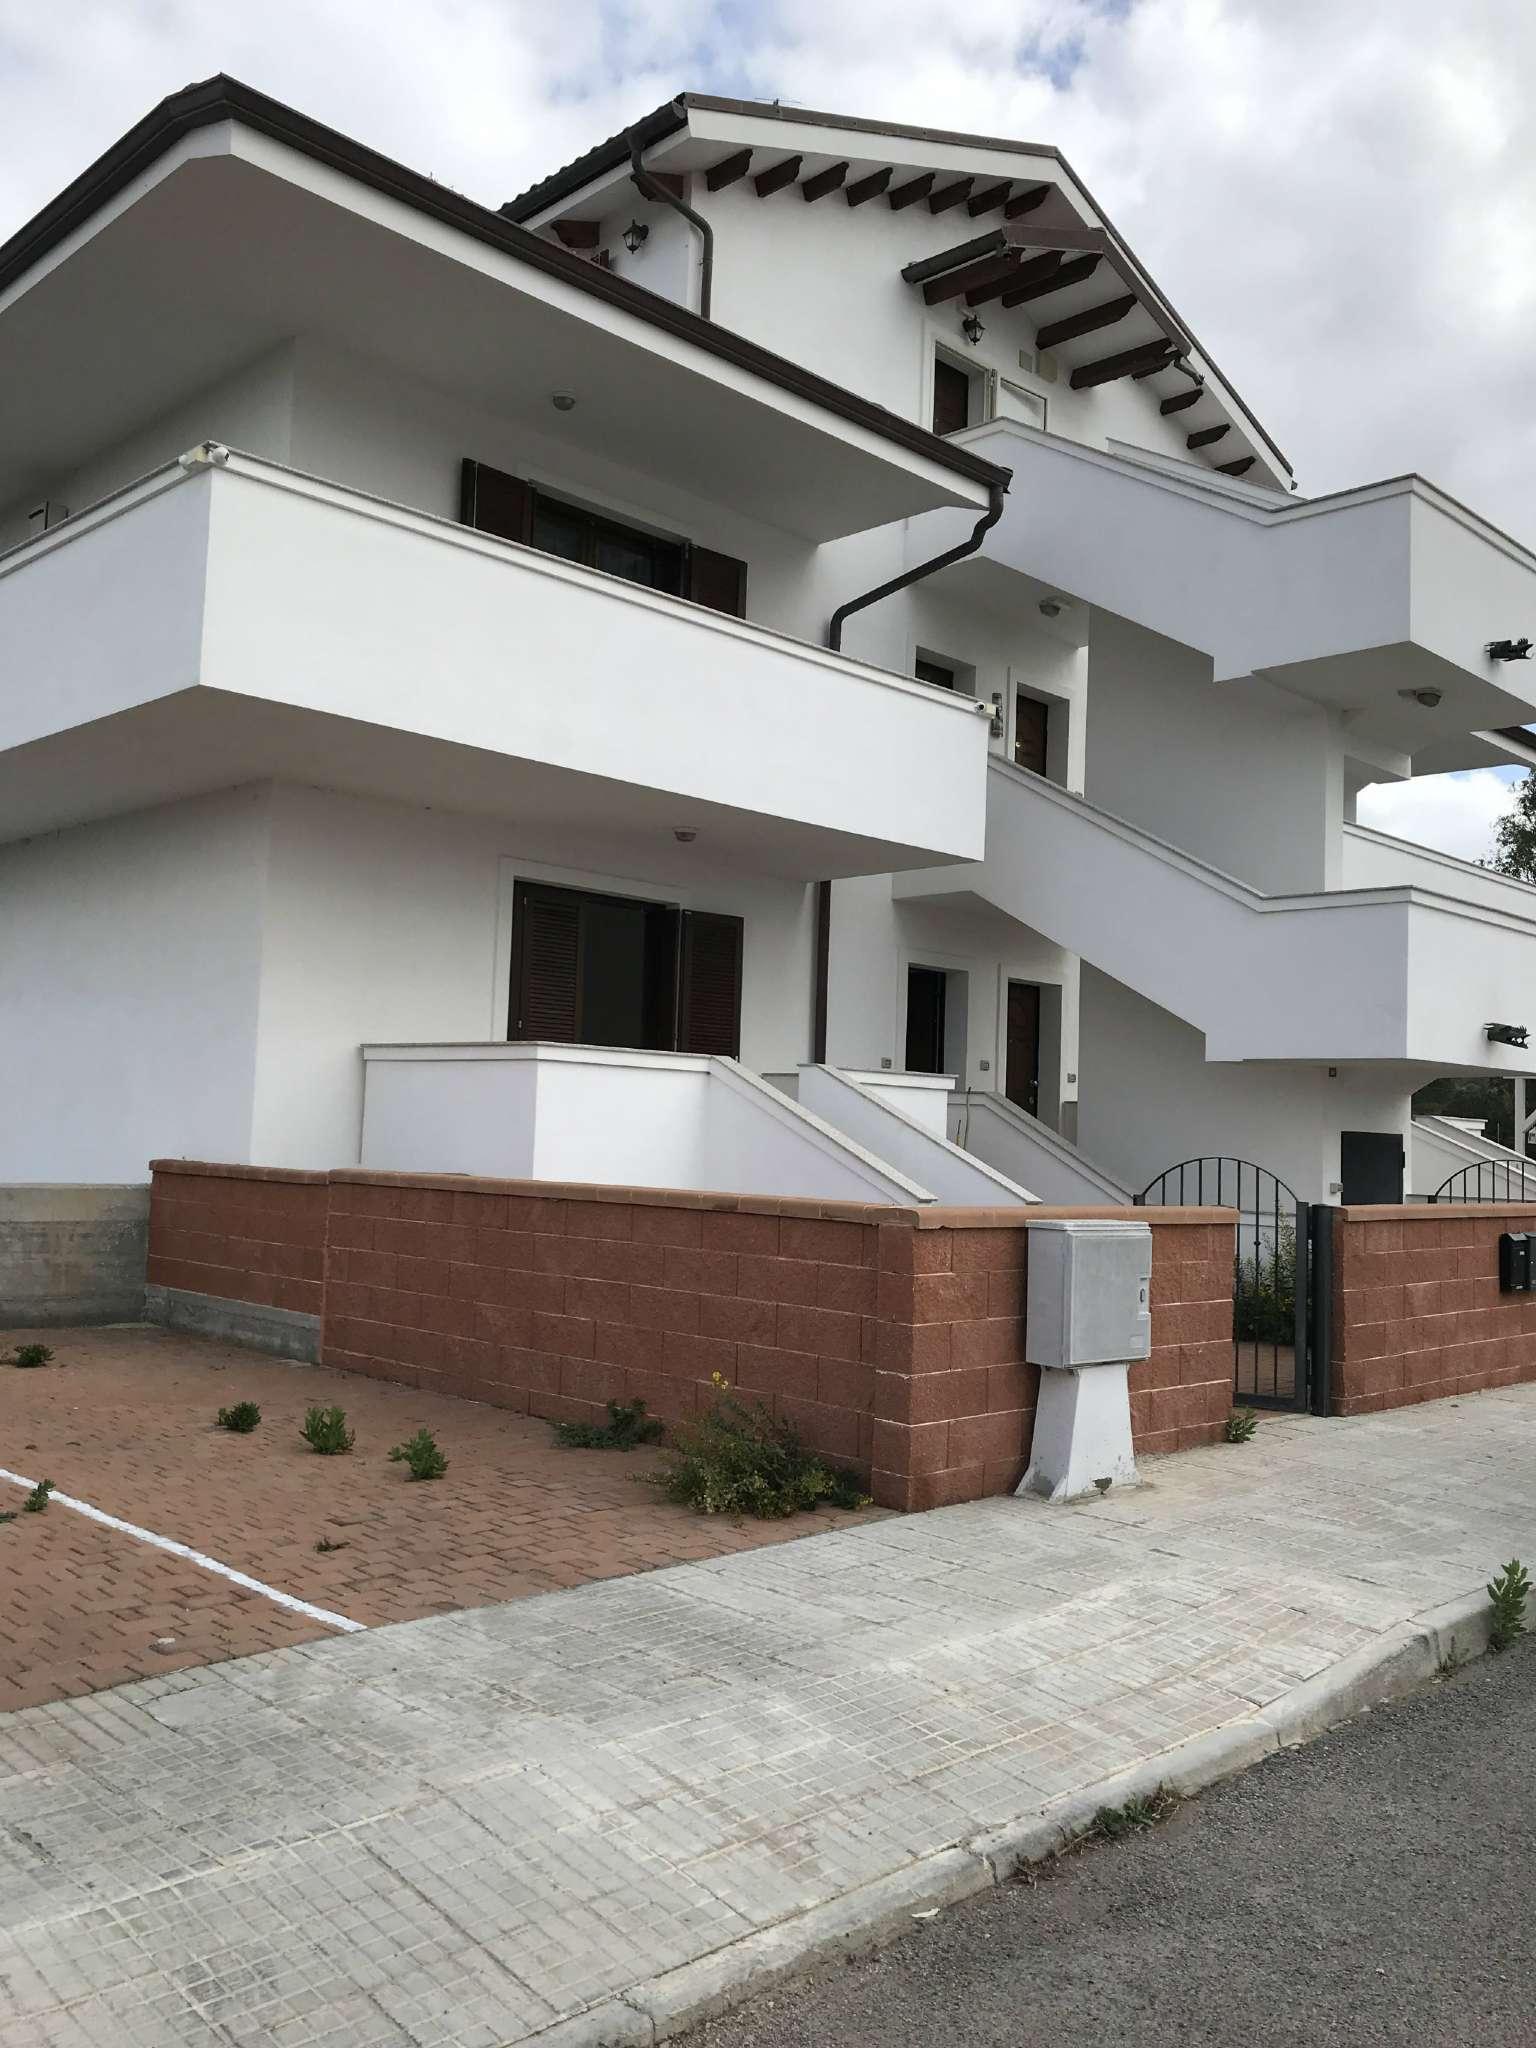 Appartamento in vendita a Olmedo, 3 locali, prezzo € 115.000 | CambioCasa.it